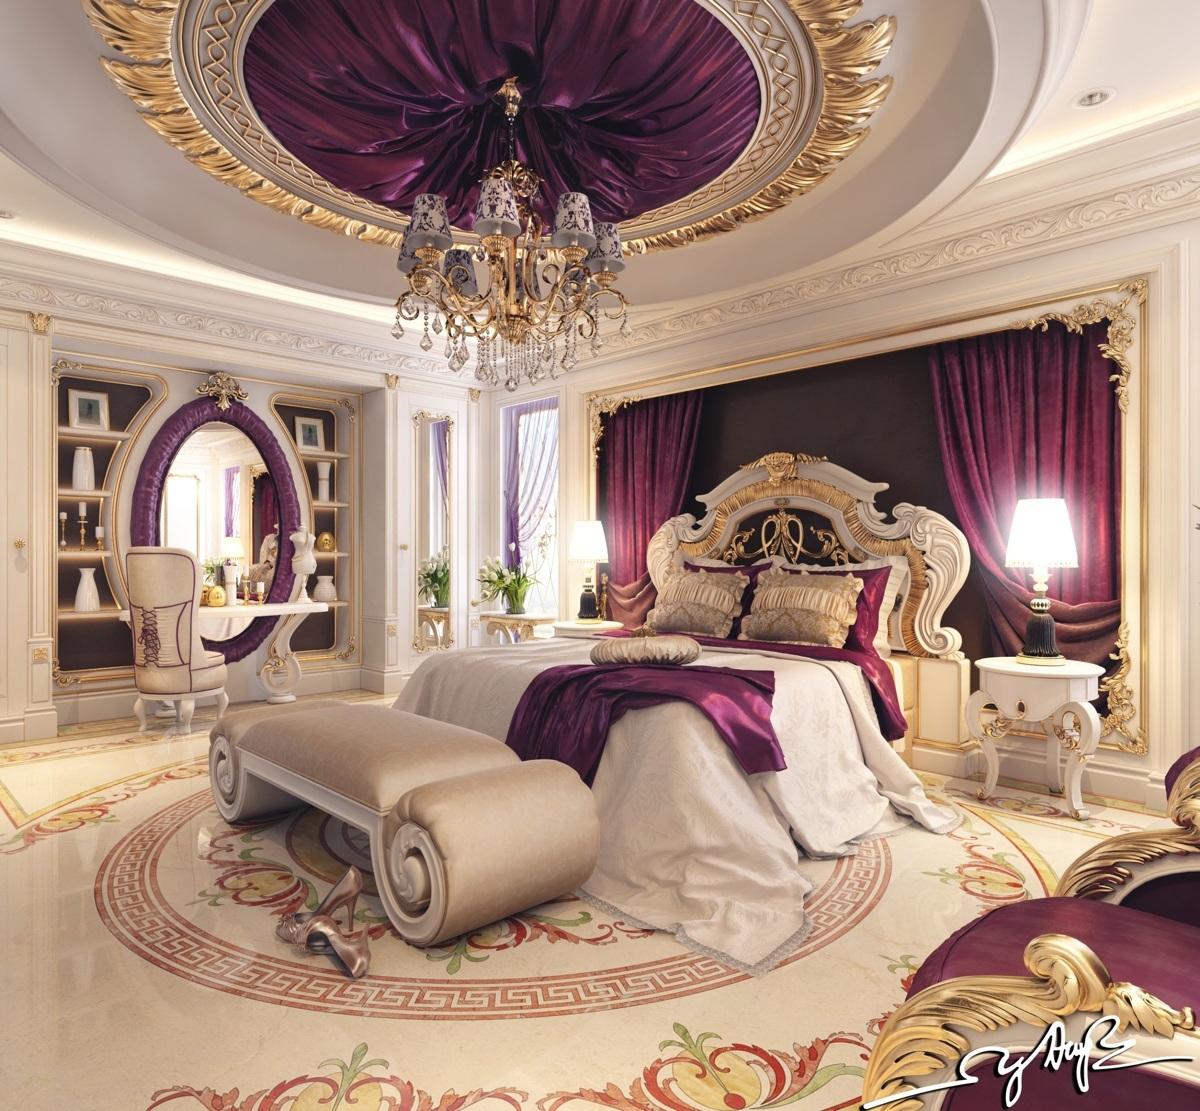 غرفة نوم كلاسيكية فخمة 4 تصميمات غرف نوم مبهرة تليق بالقصور